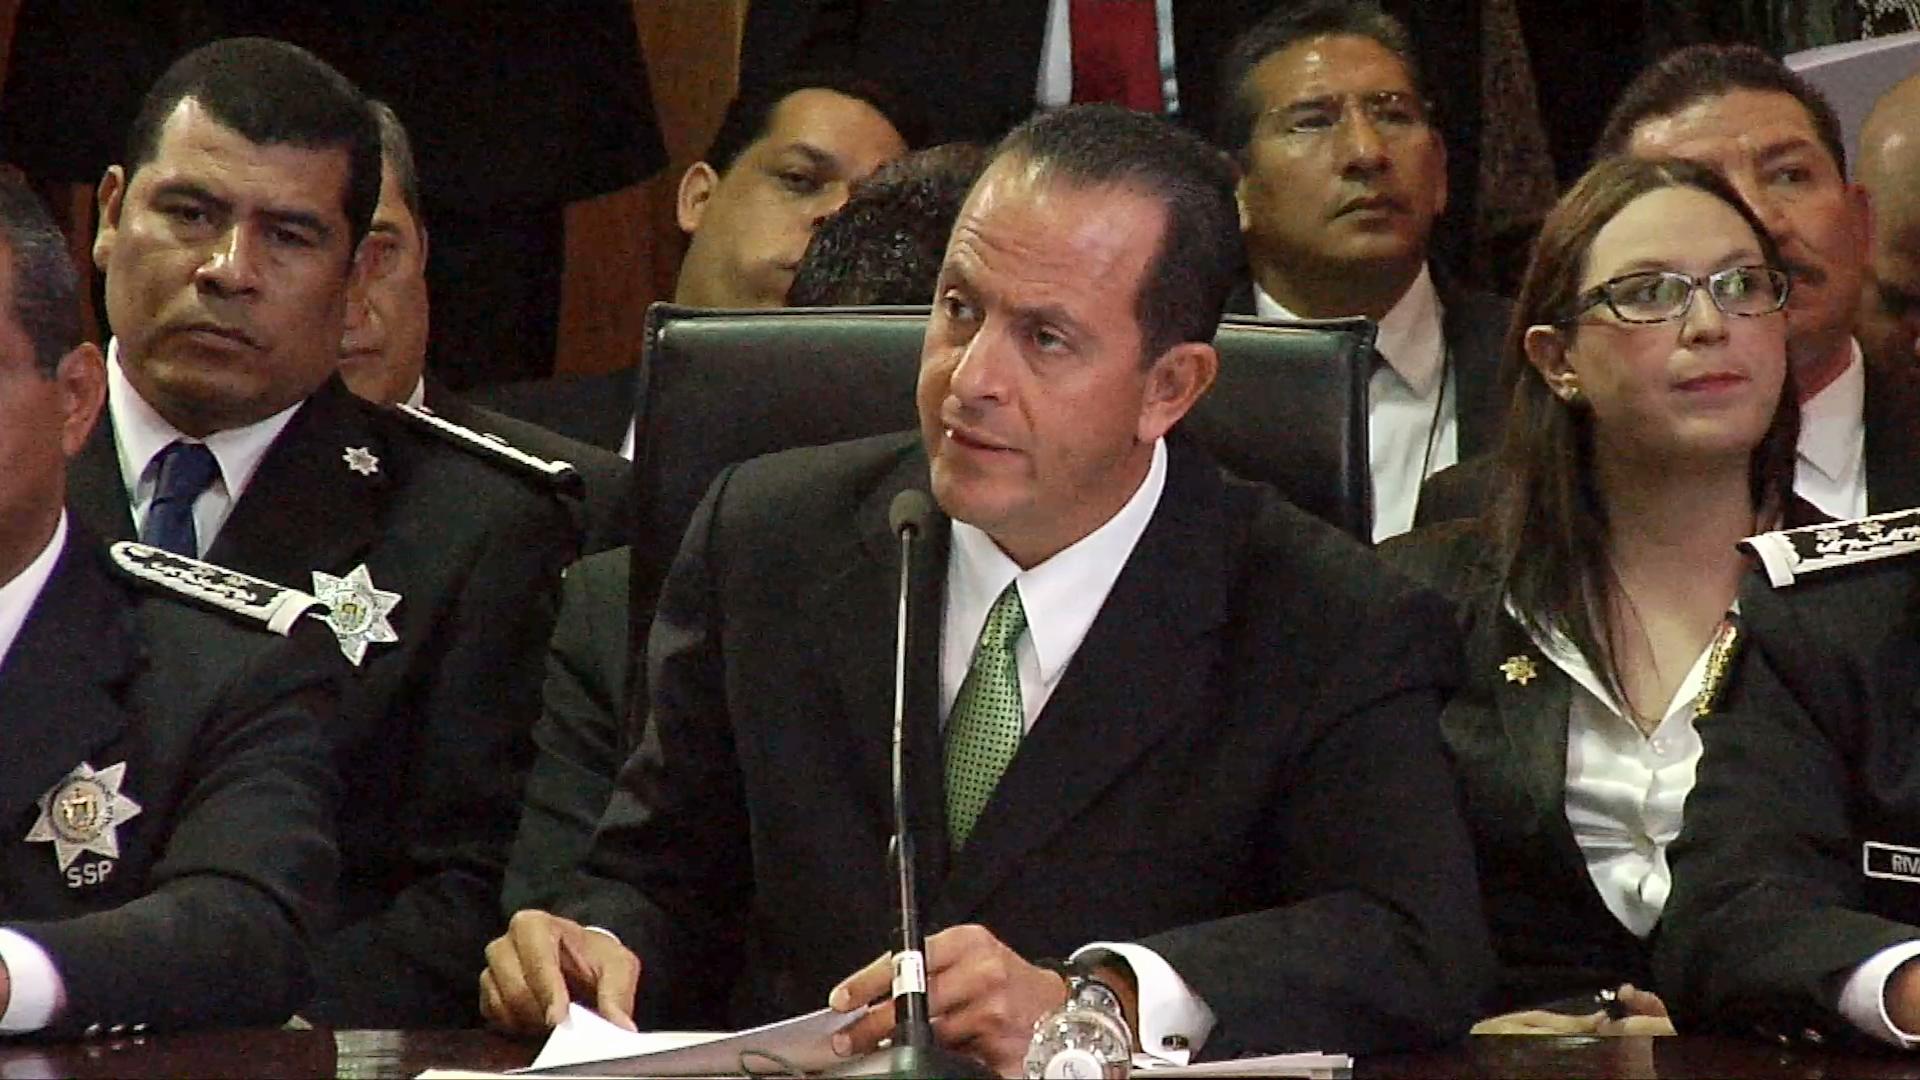 Presenta su renuncia al cargo el titular de la Secretaría de Seguridad Pública